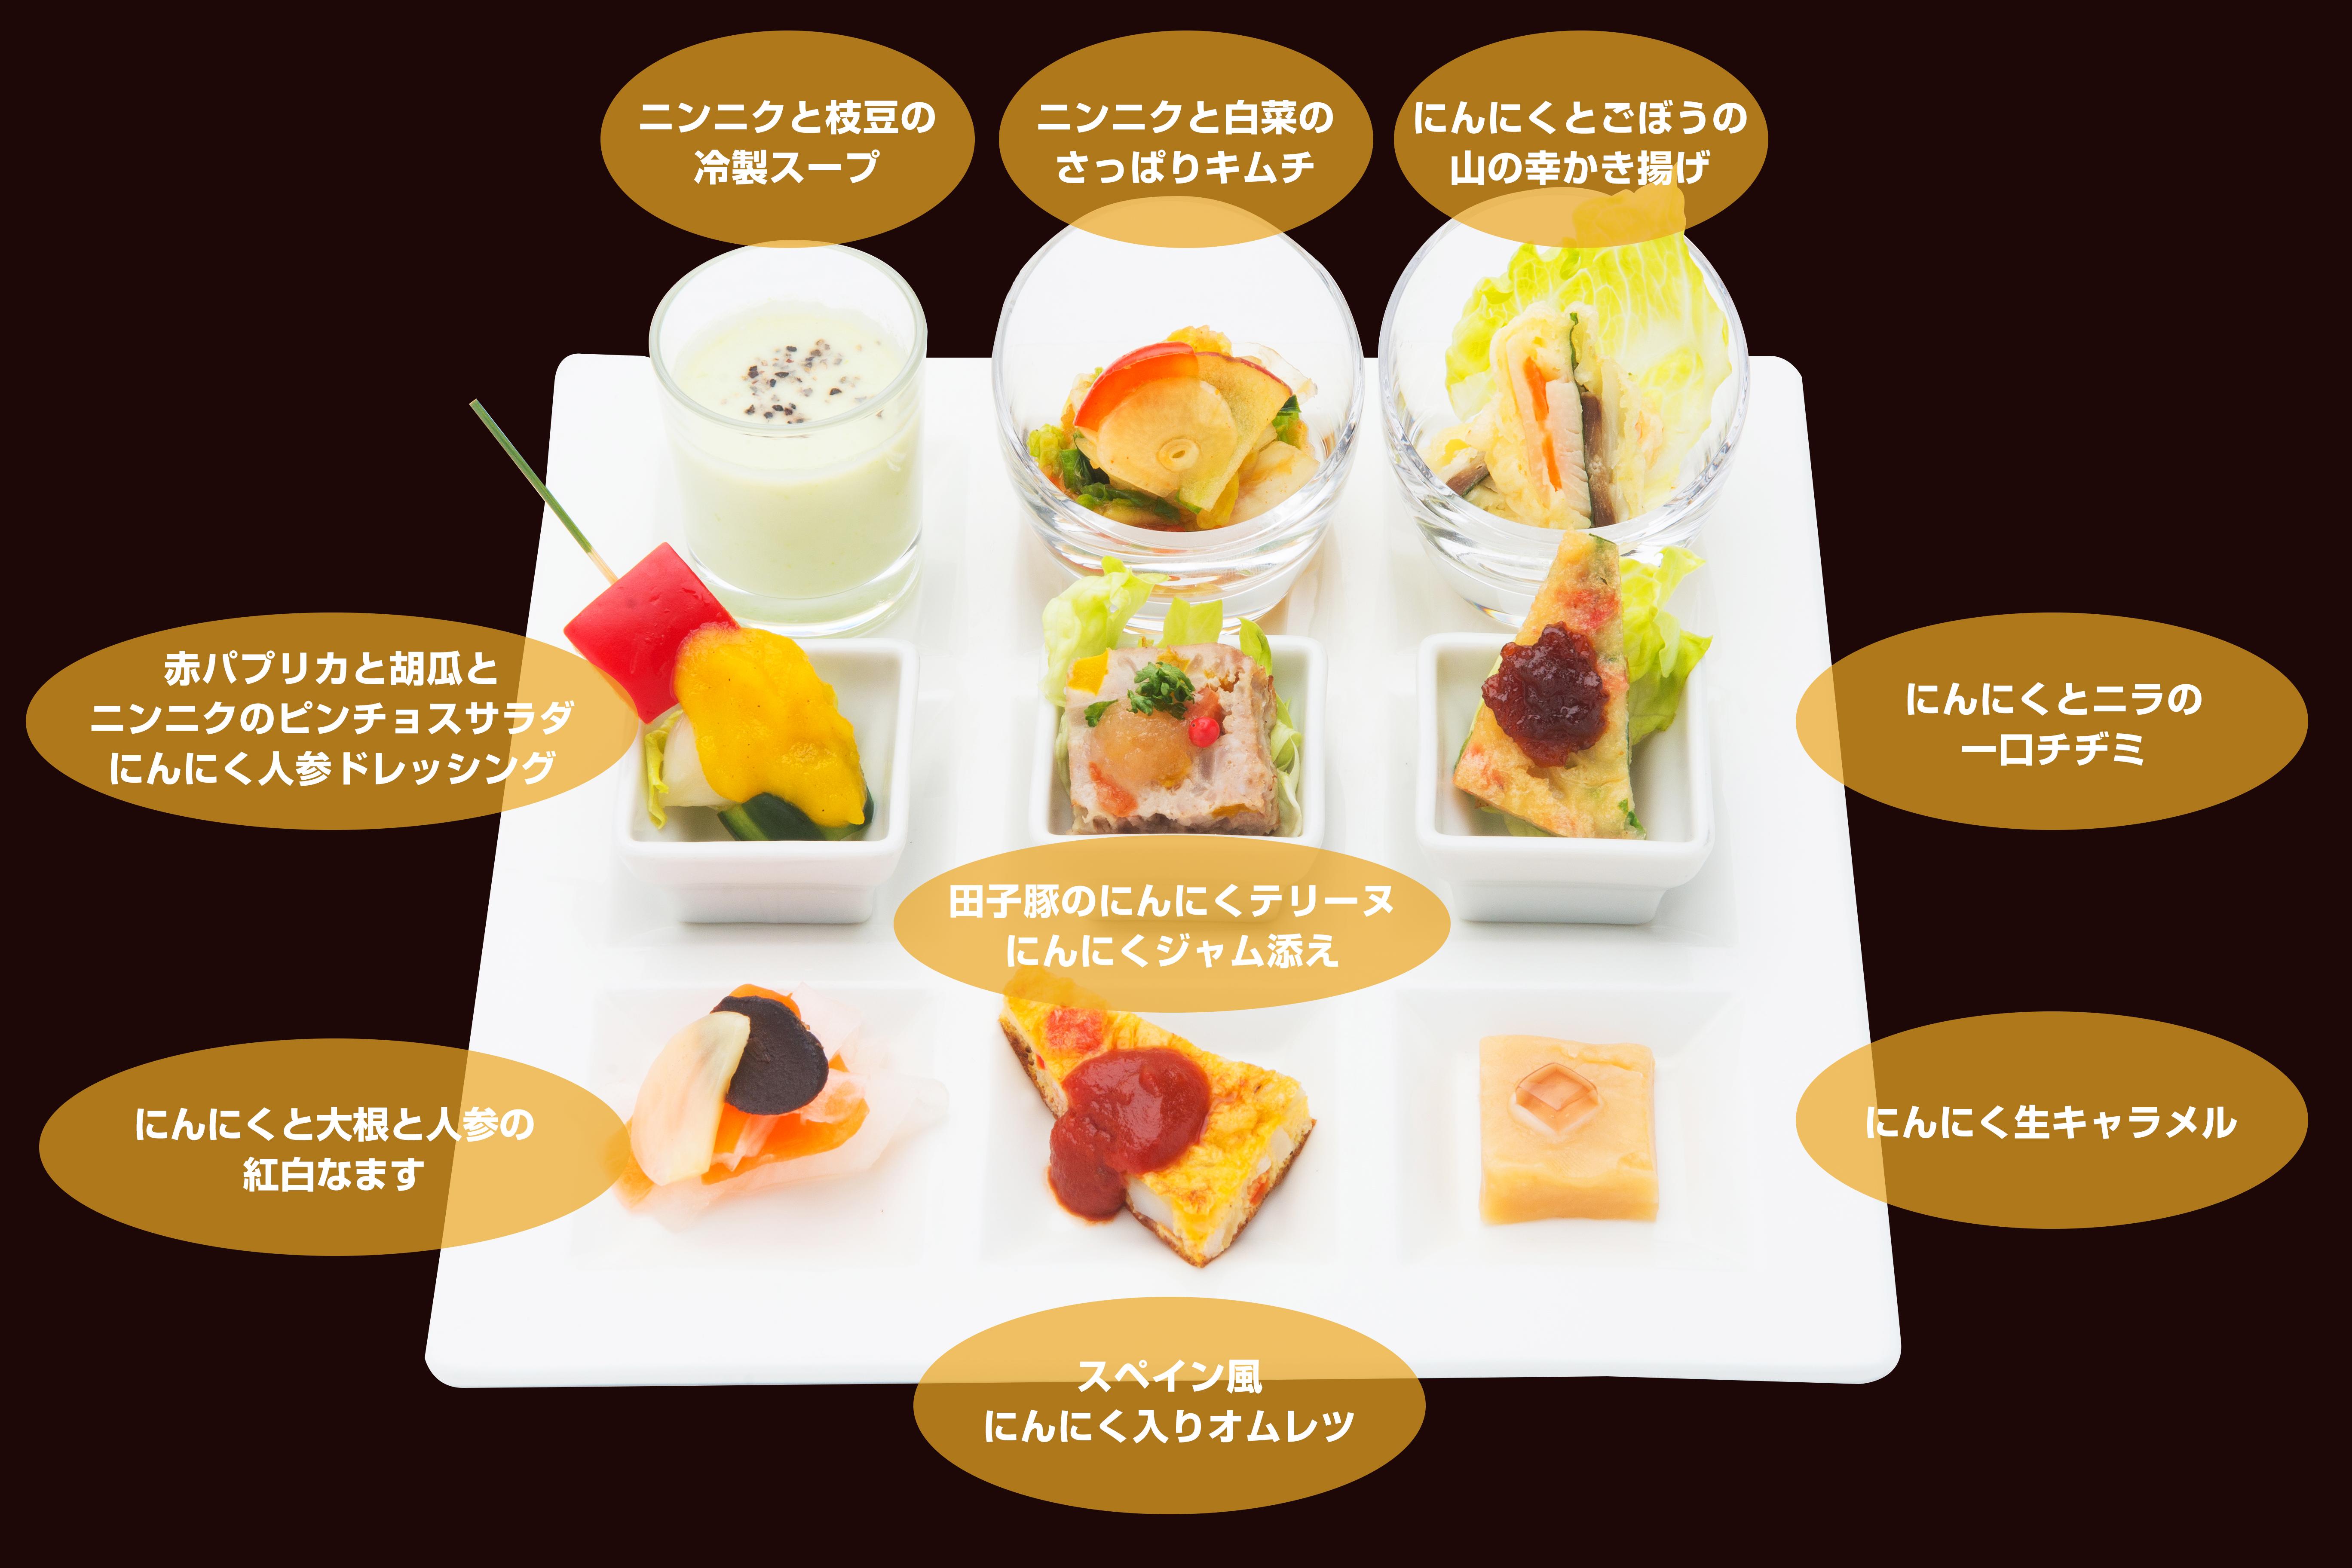 9種類の創作ニンニク料理